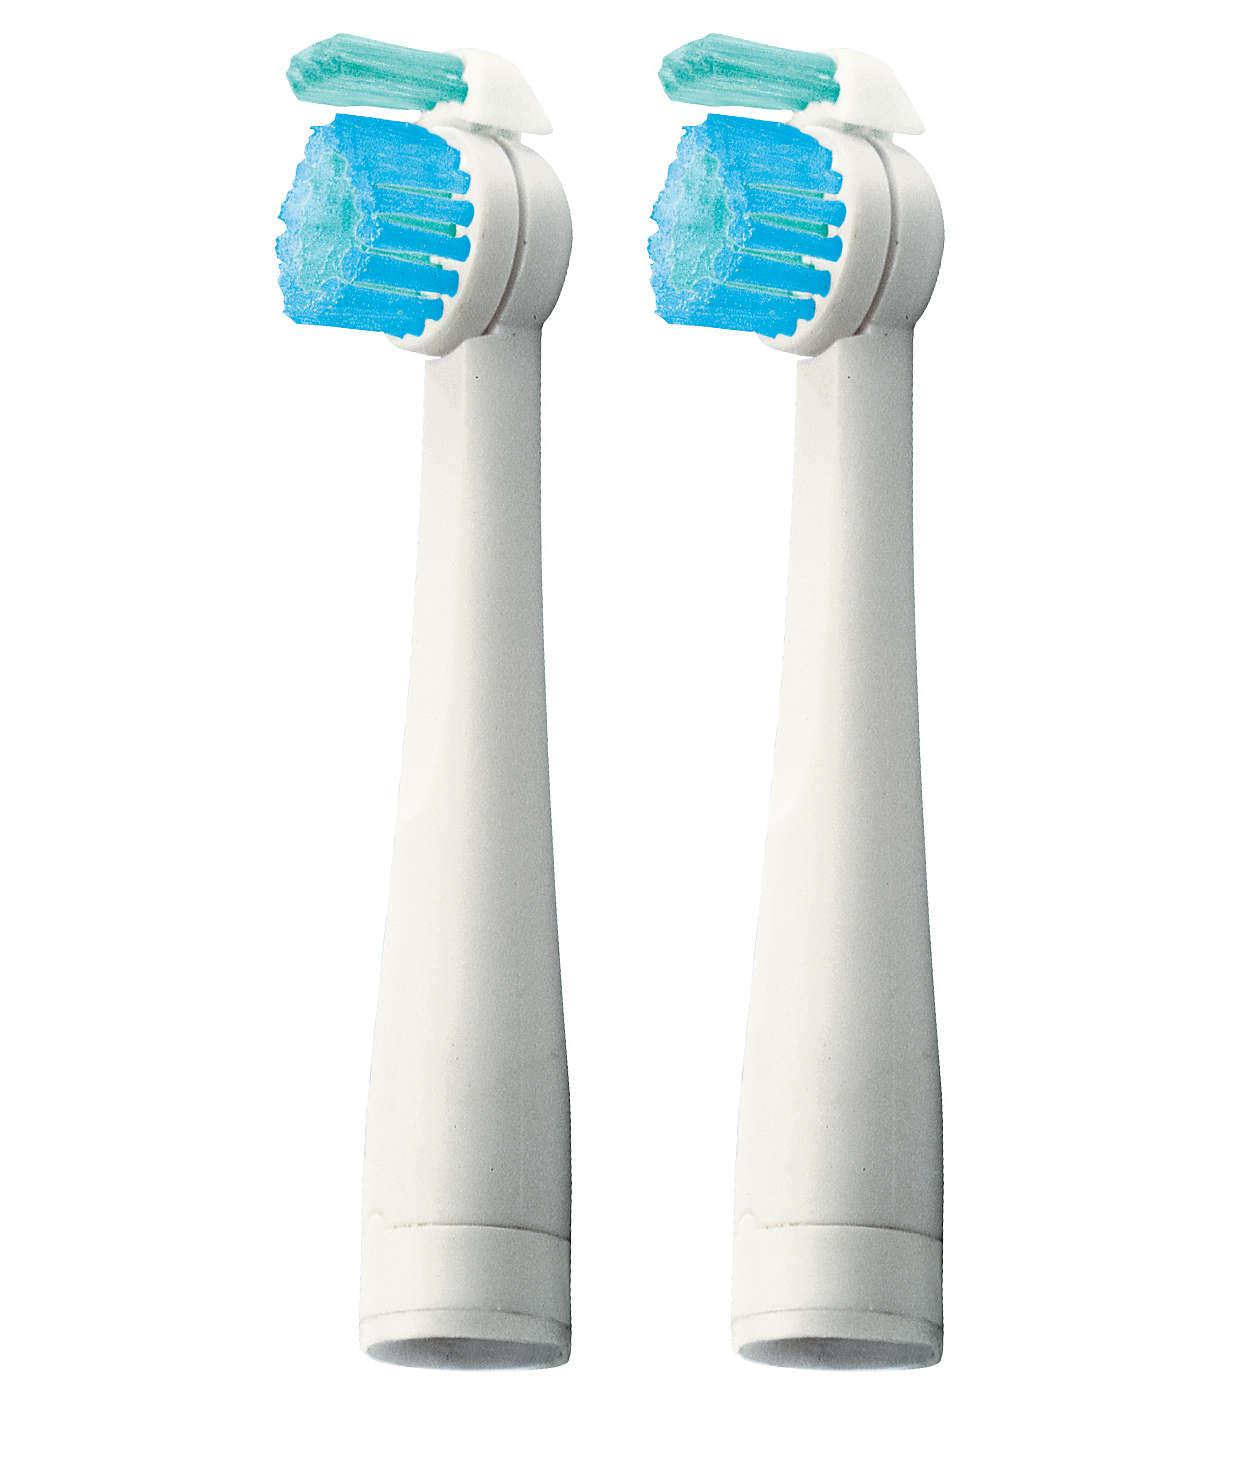 Ersatzbürstenköpfe mit doppelter Reinigungswirkung